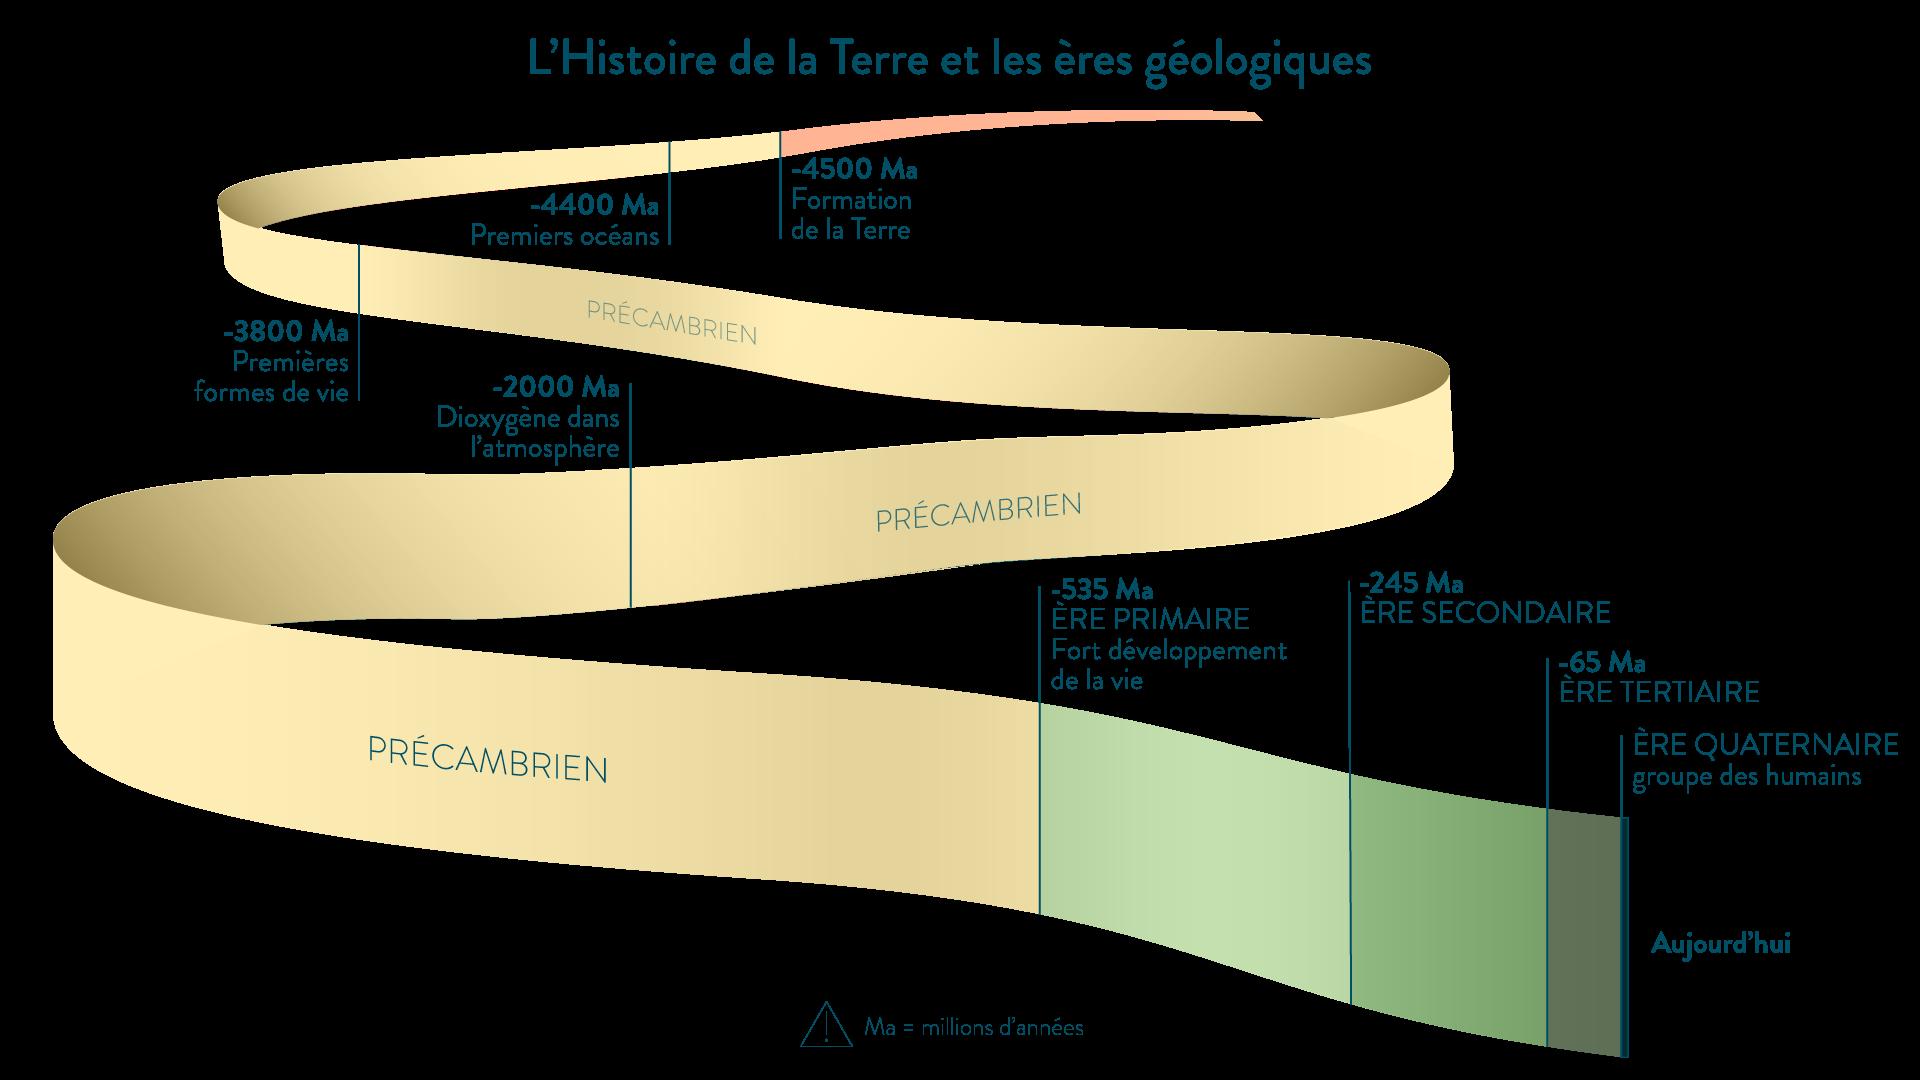 L'Histoire de la terre et les ères géologiques